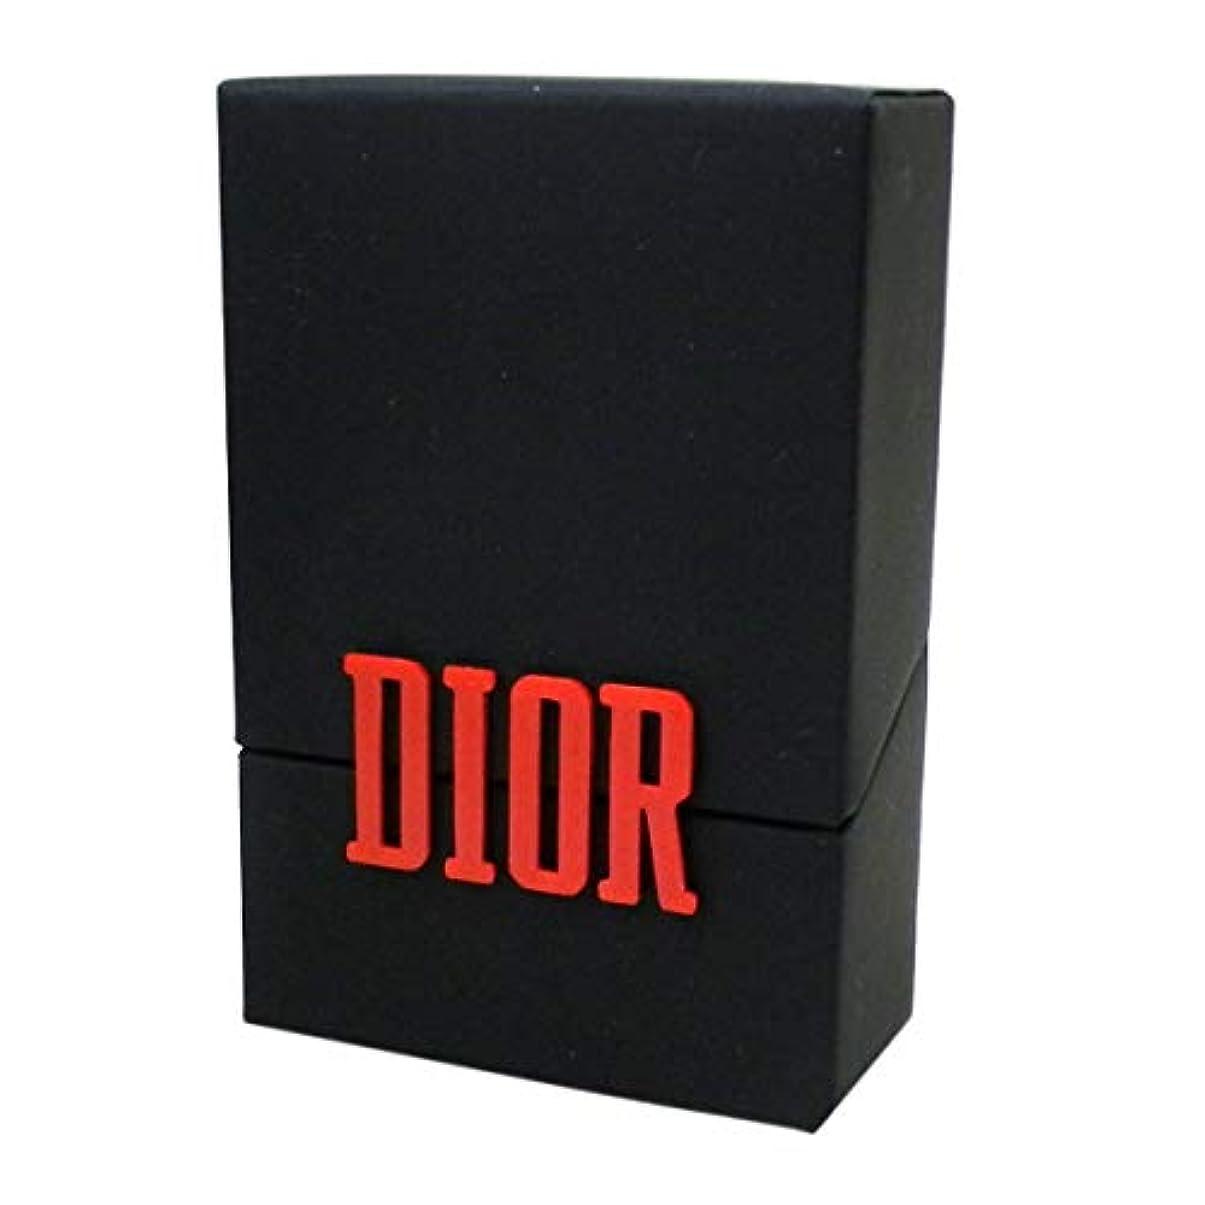 フレア運動する正確Dior ディオール リップルージュ#999 リップ ポーチ ギフト 化粧 メイク 赤 レッド 口紅 携帯 持ち運び 箱 ボックス 2本セット セット コスメ